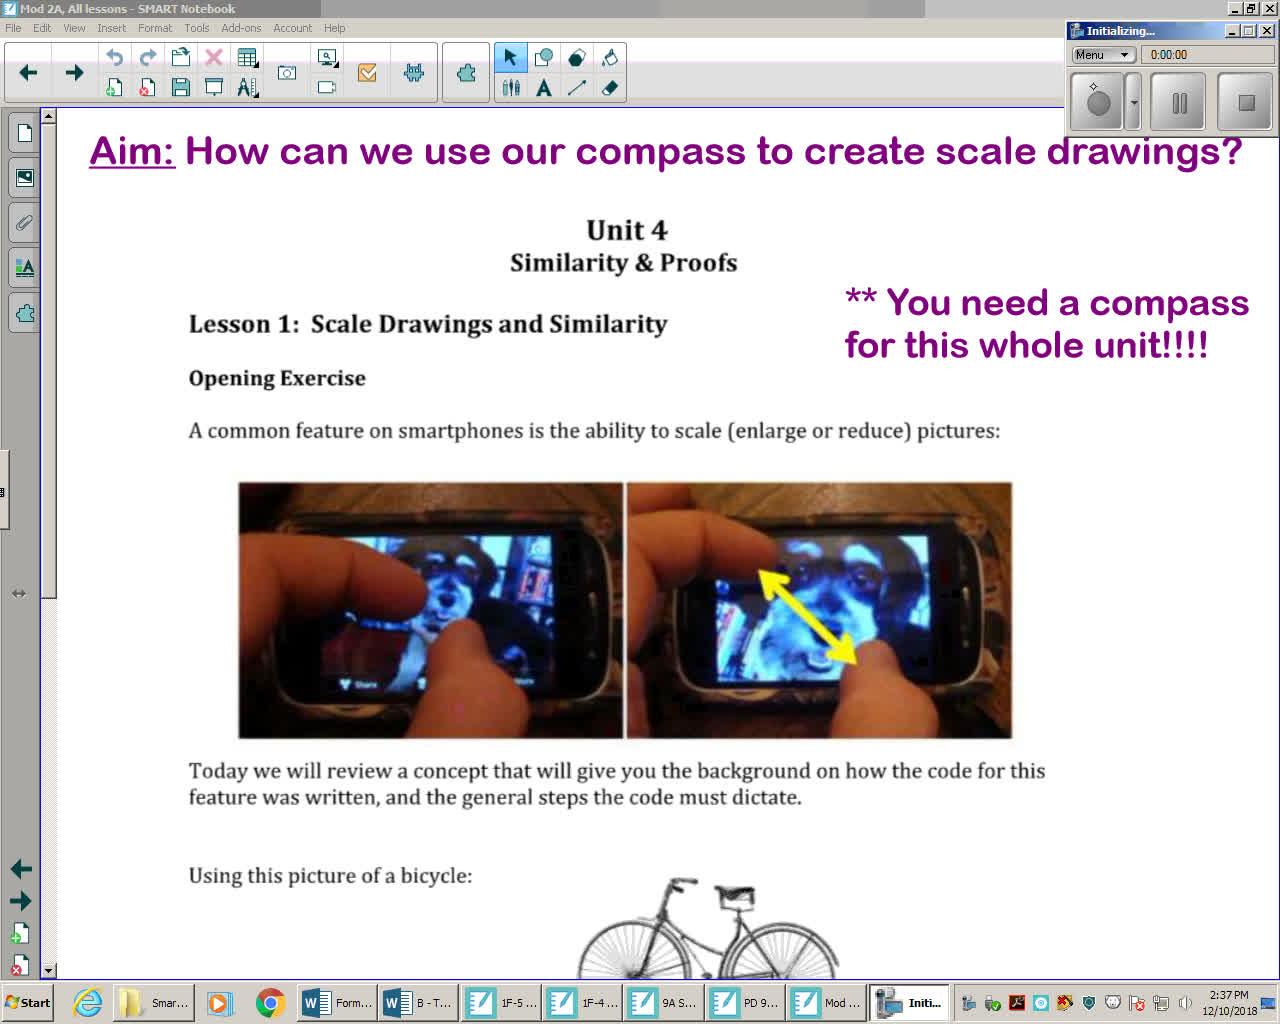 Module 2A Unit 4 Lesson 1